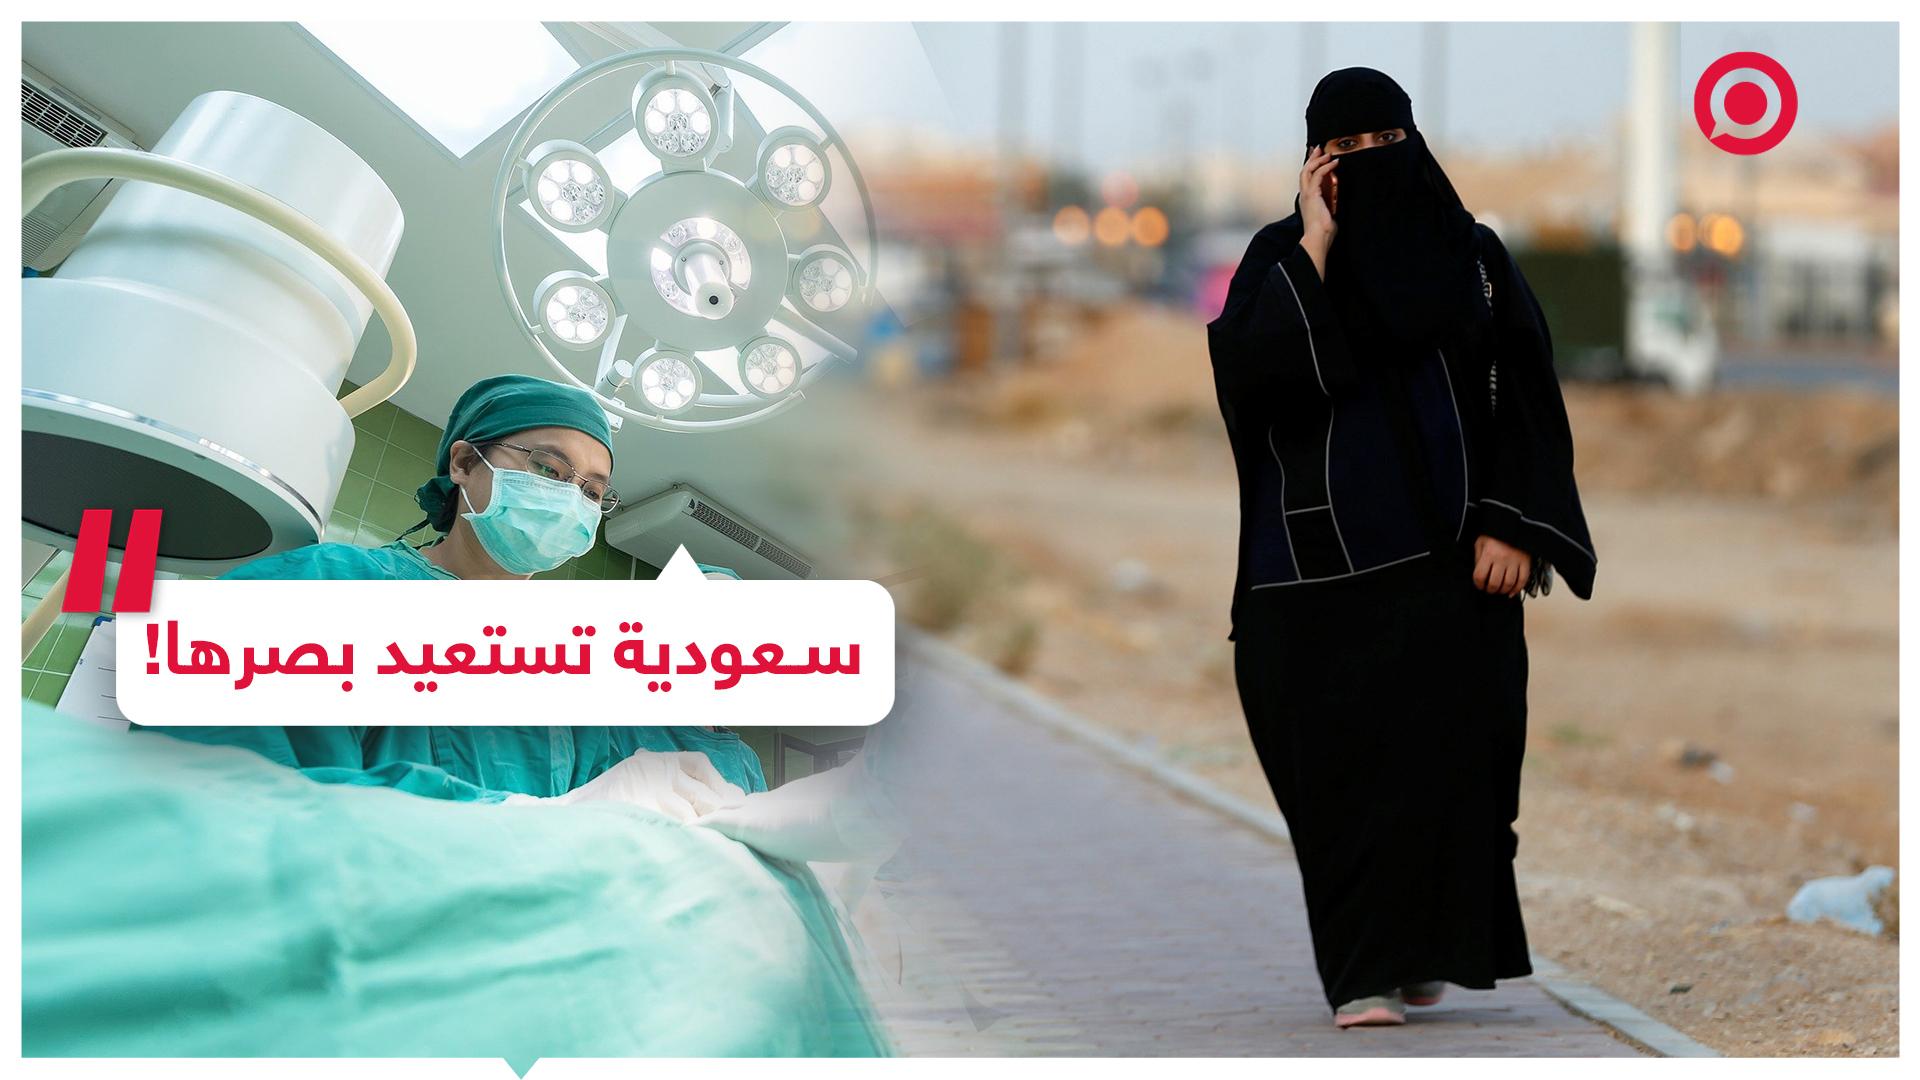 قصة سيدة سعودية تستعيد بصرها بعد 5 أعوام